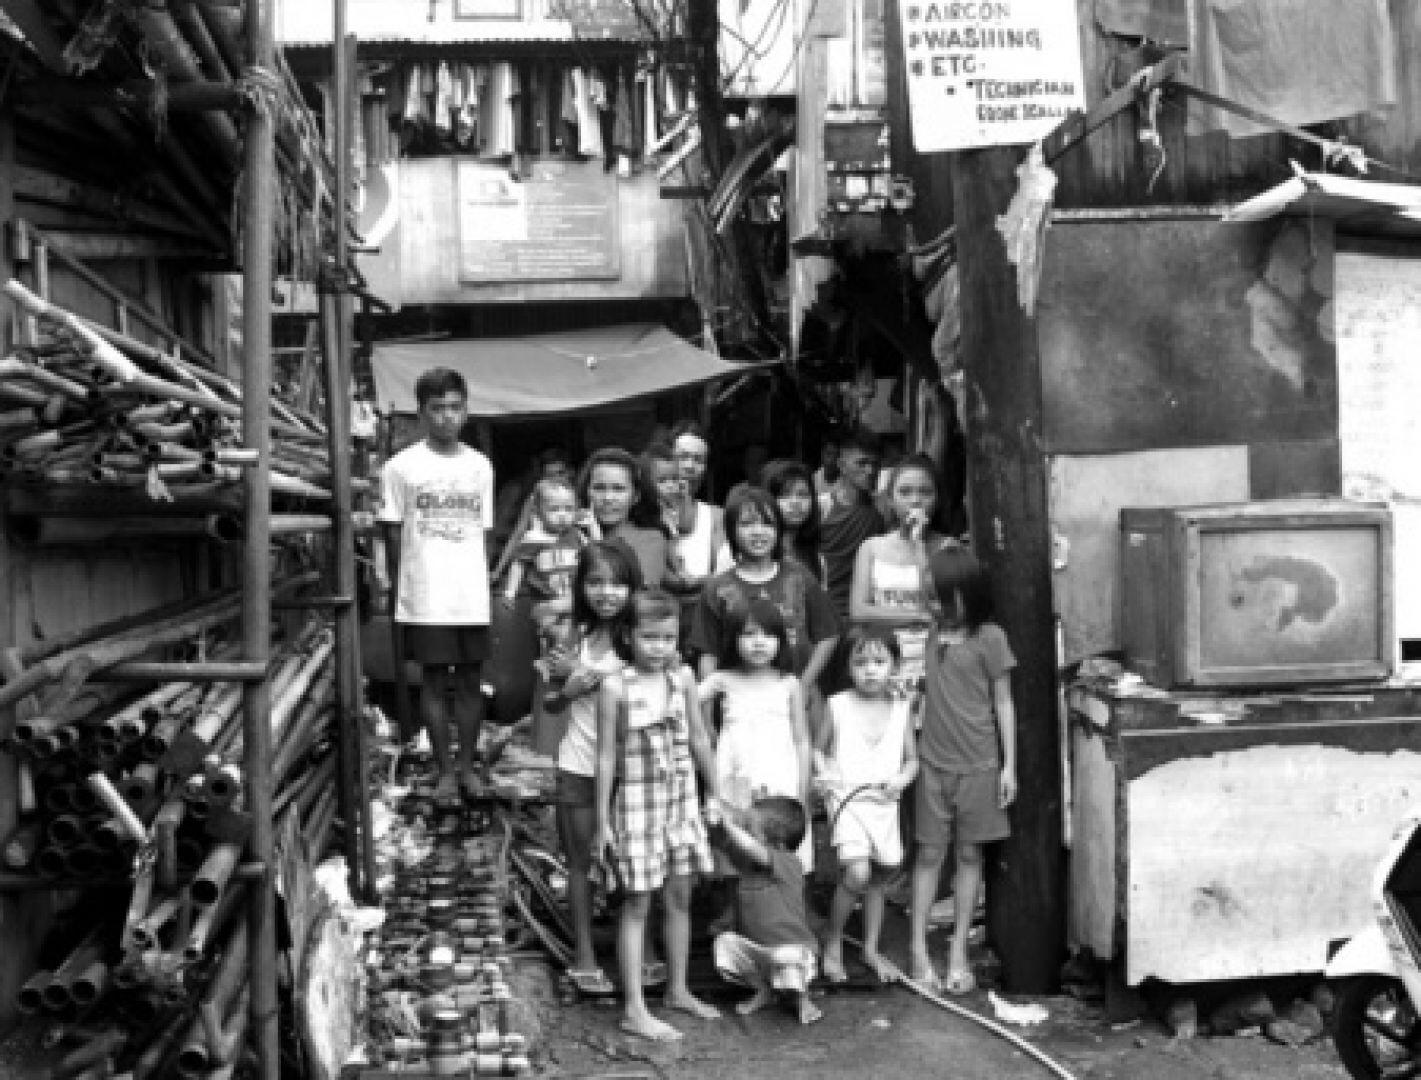 Slum_community201312